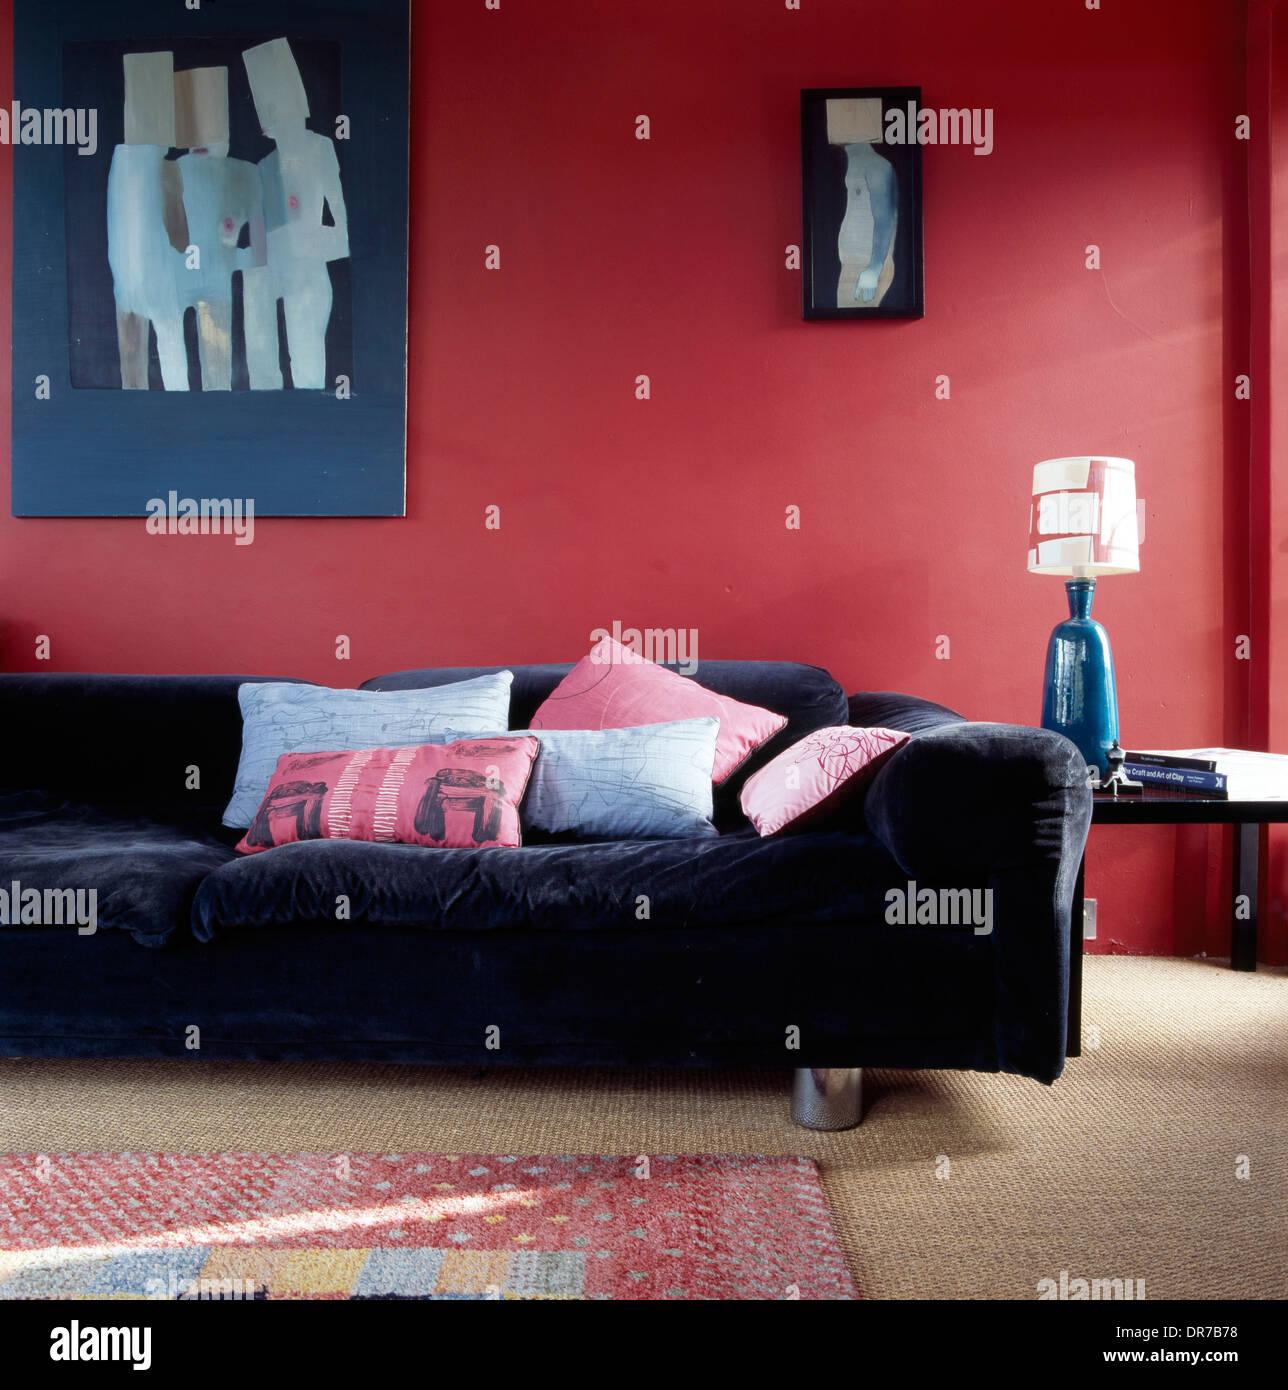 Fabulous Blau Art Und Blauem Samt Sofa Gegen Pflaume Rote Wand Im  Wohnzimmer With Wohnzimmer Rote Wand